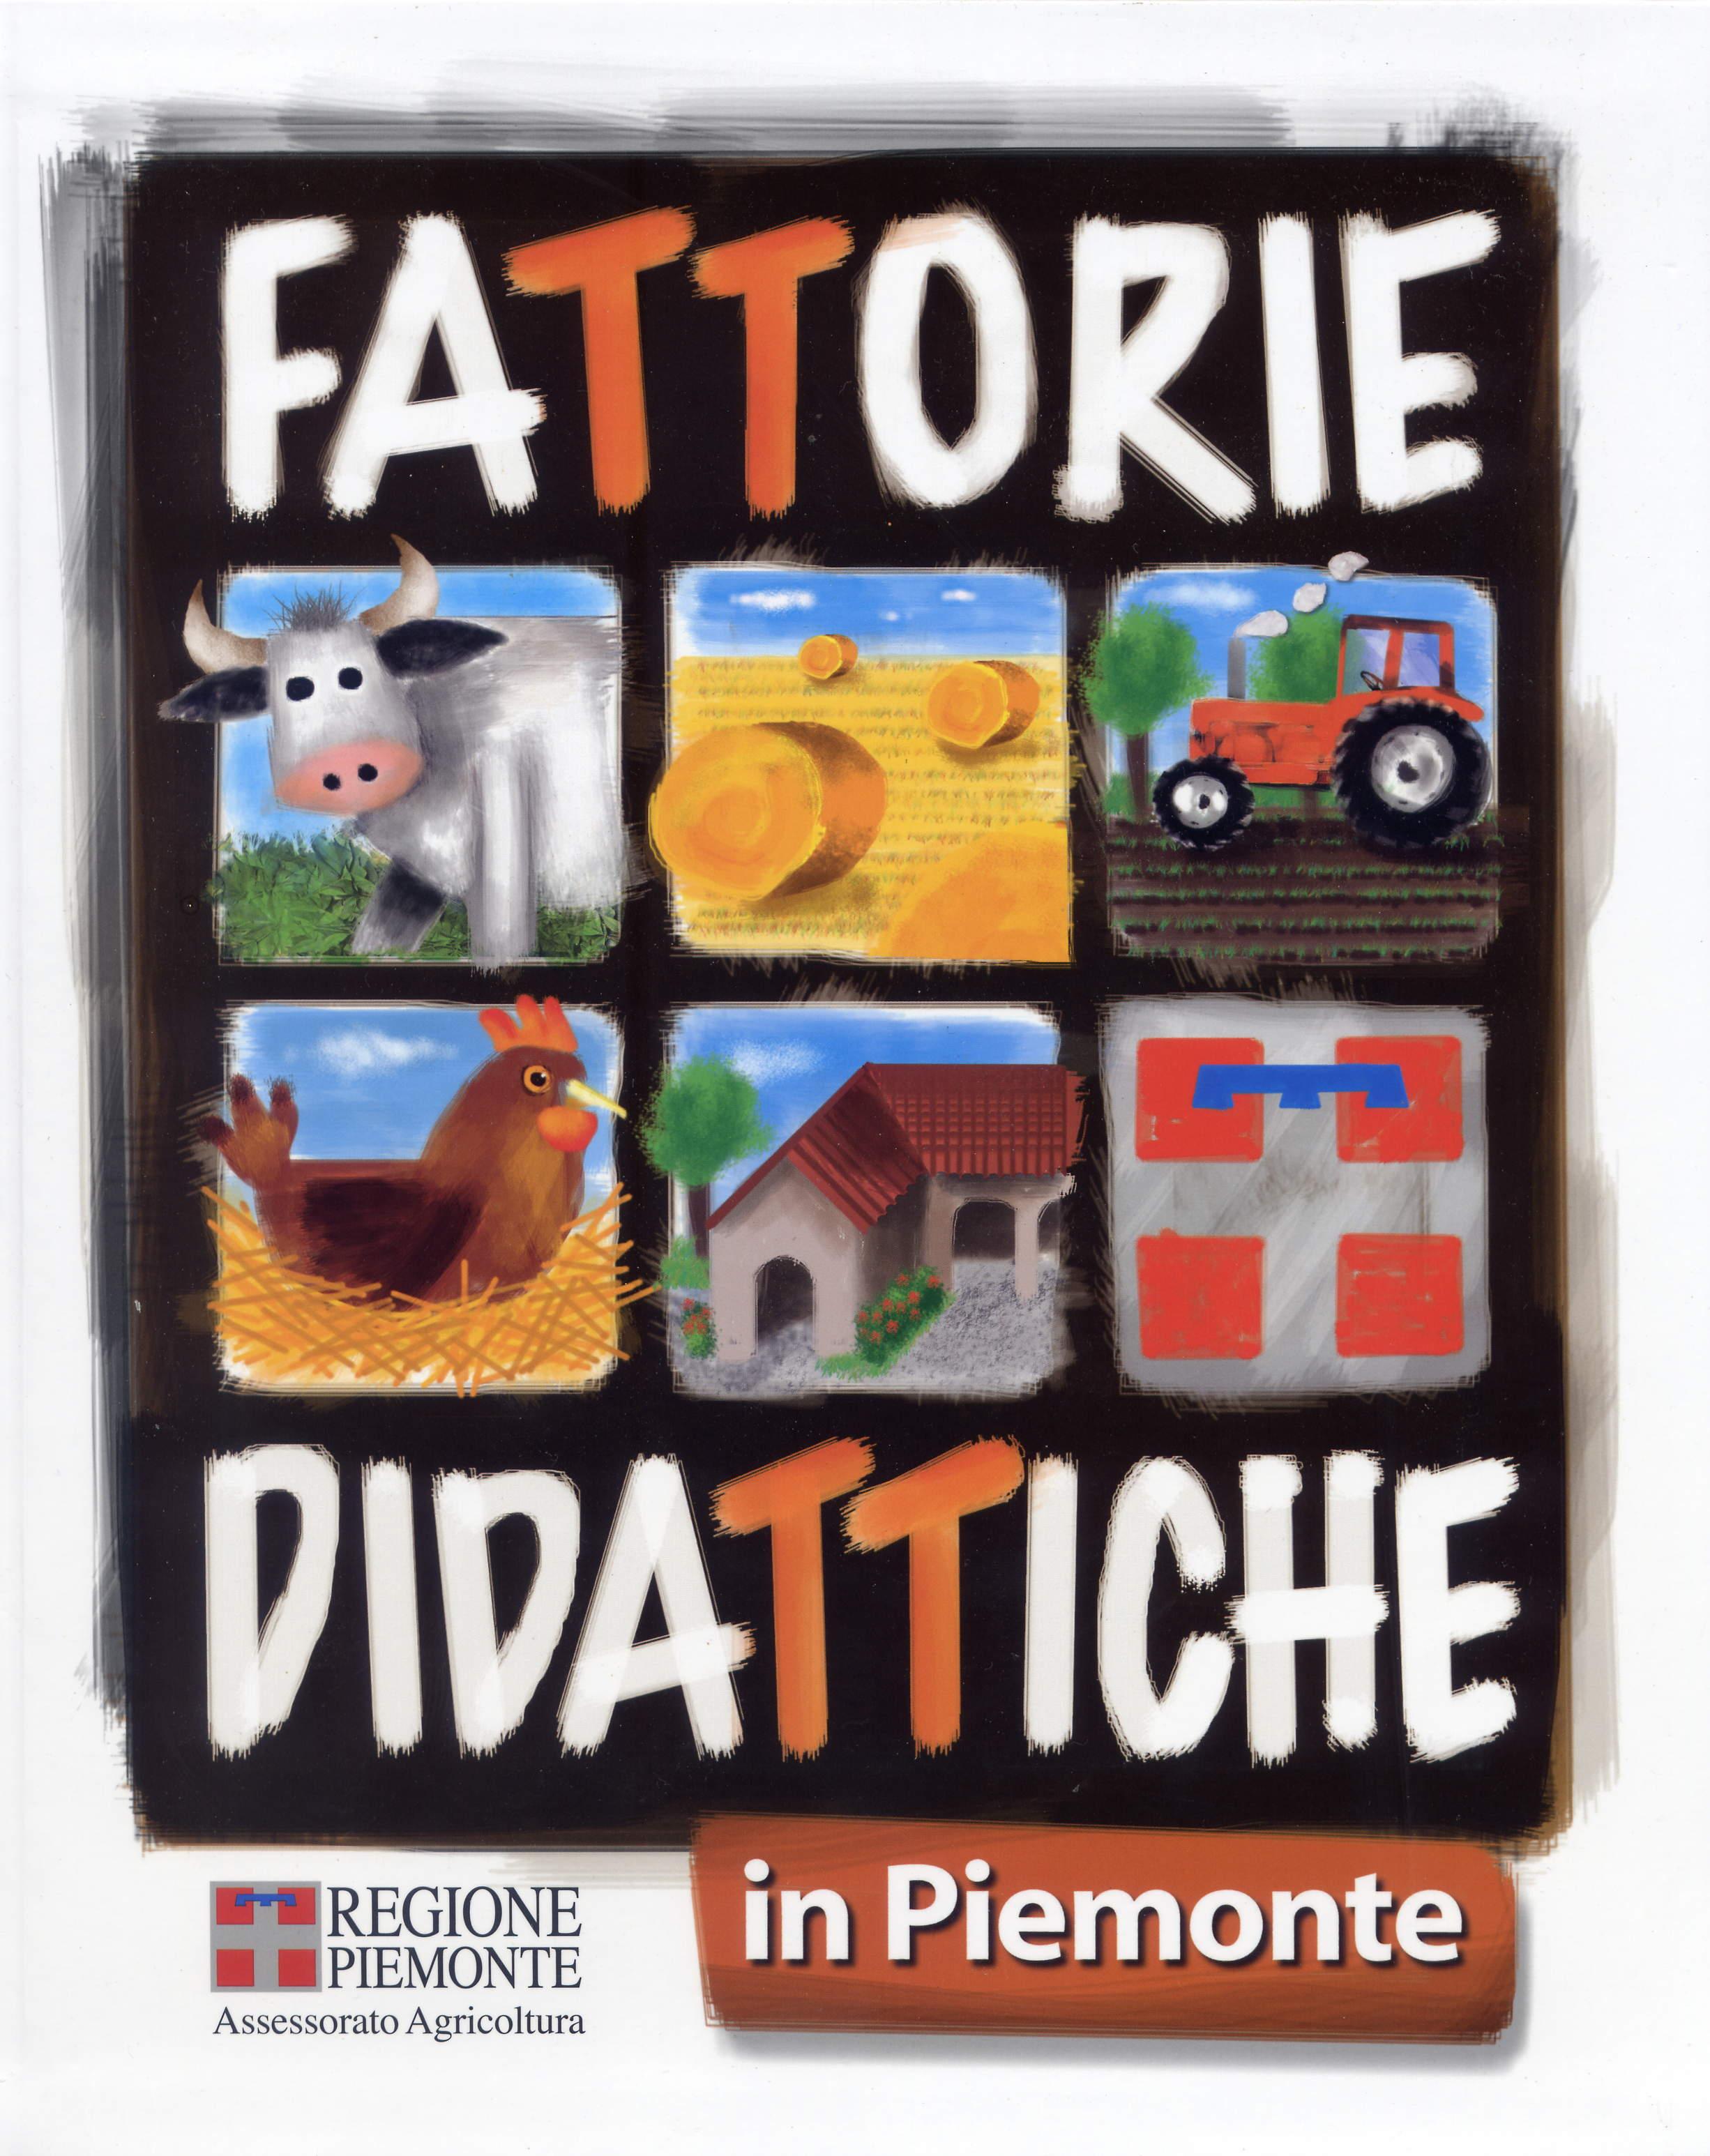 Fattorie didattiche Piemonte.jpg